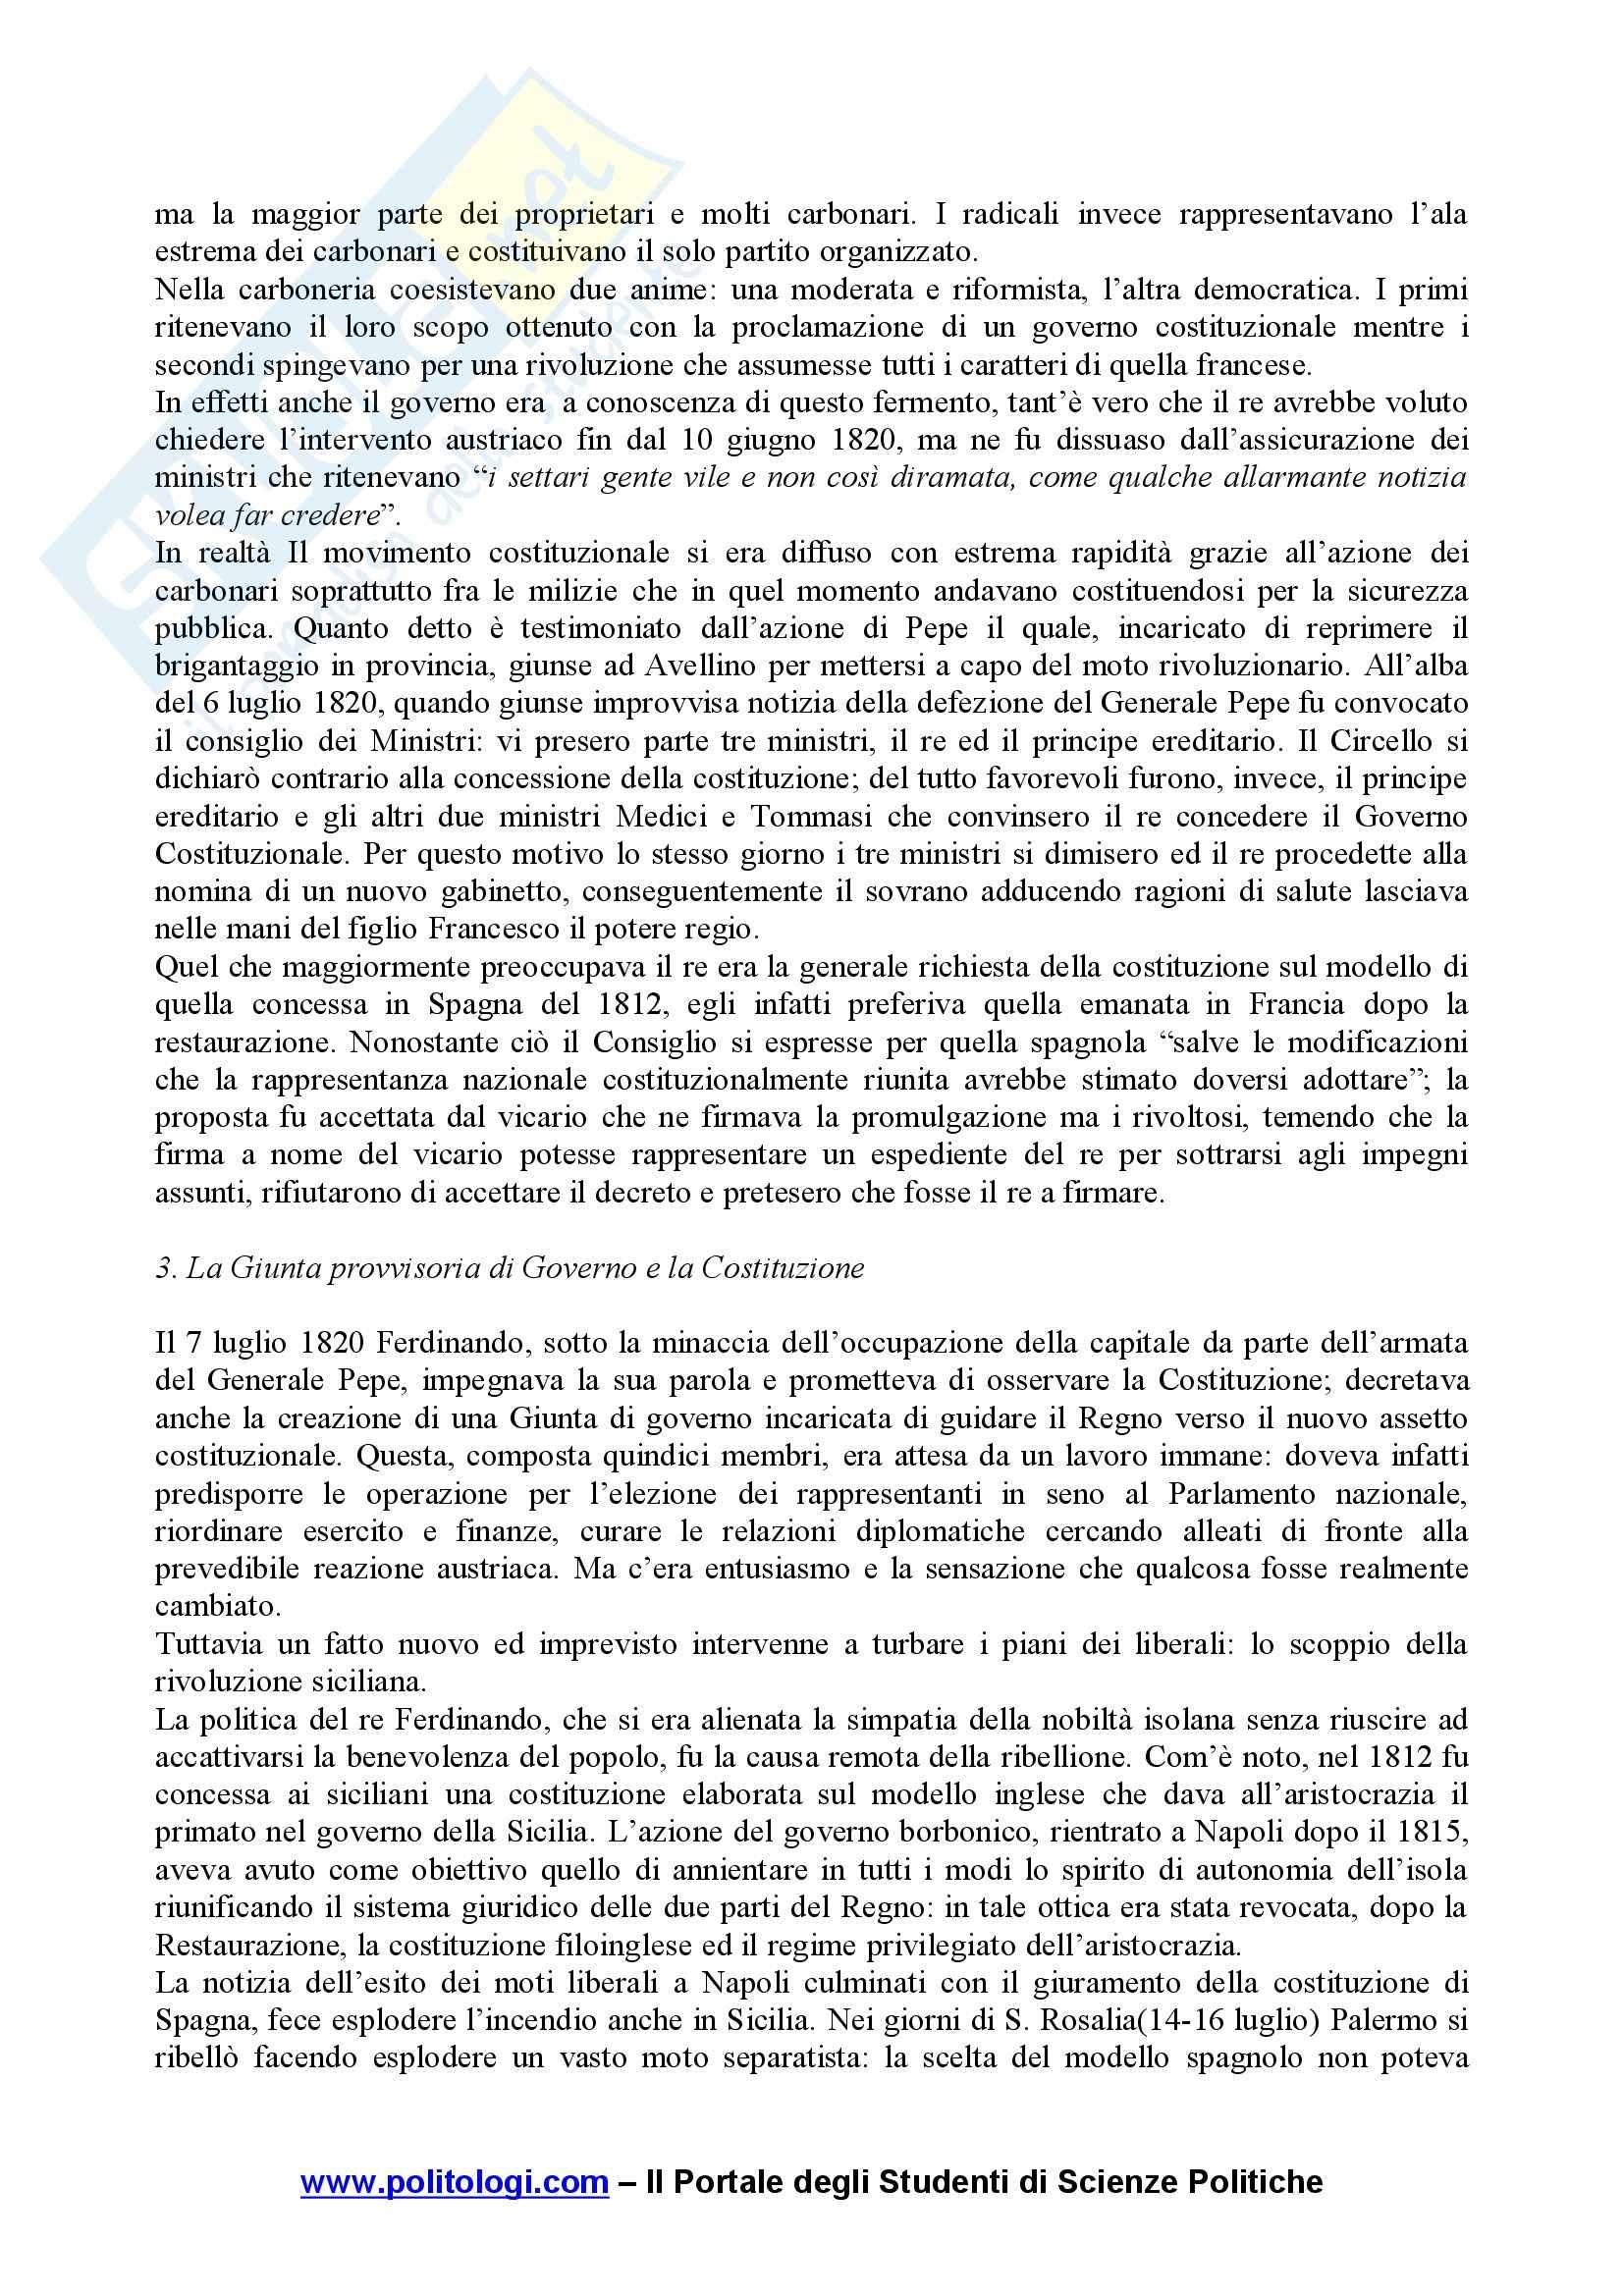 Storia contemporanea Pag. 21